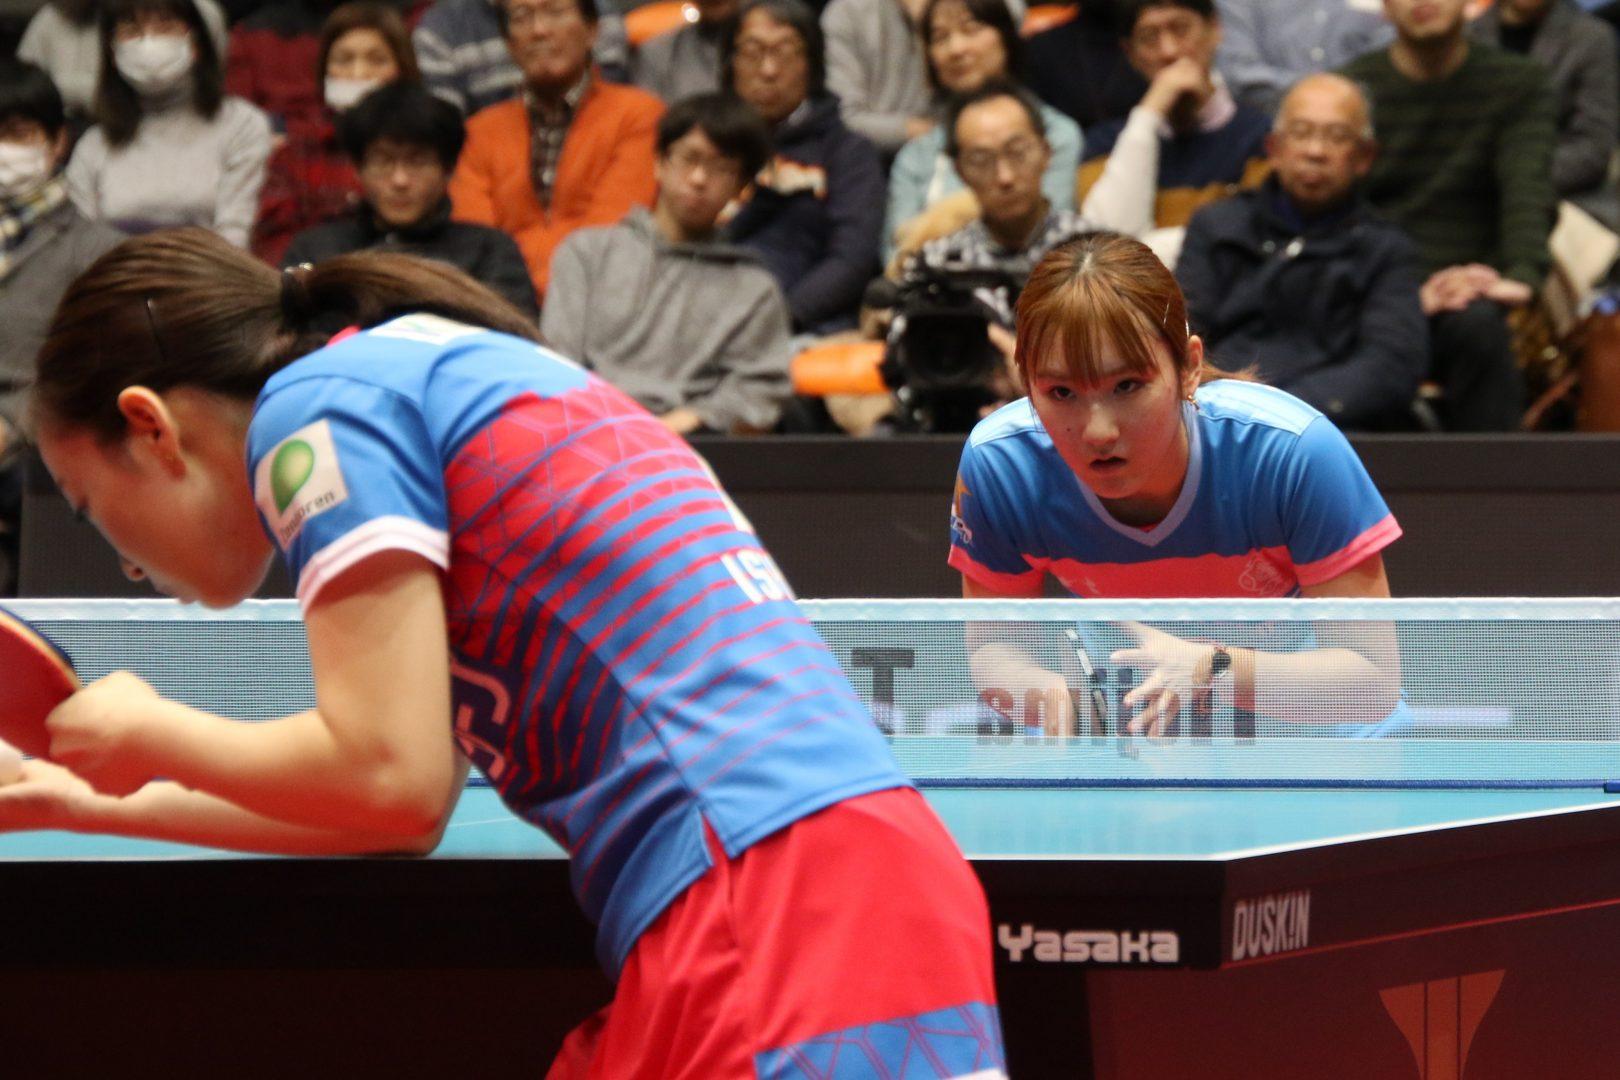 【卓球・Tリーグ】加藤美優、石川佳純に値千金の勝利 マレッツは11連敗のトンネルを脱出